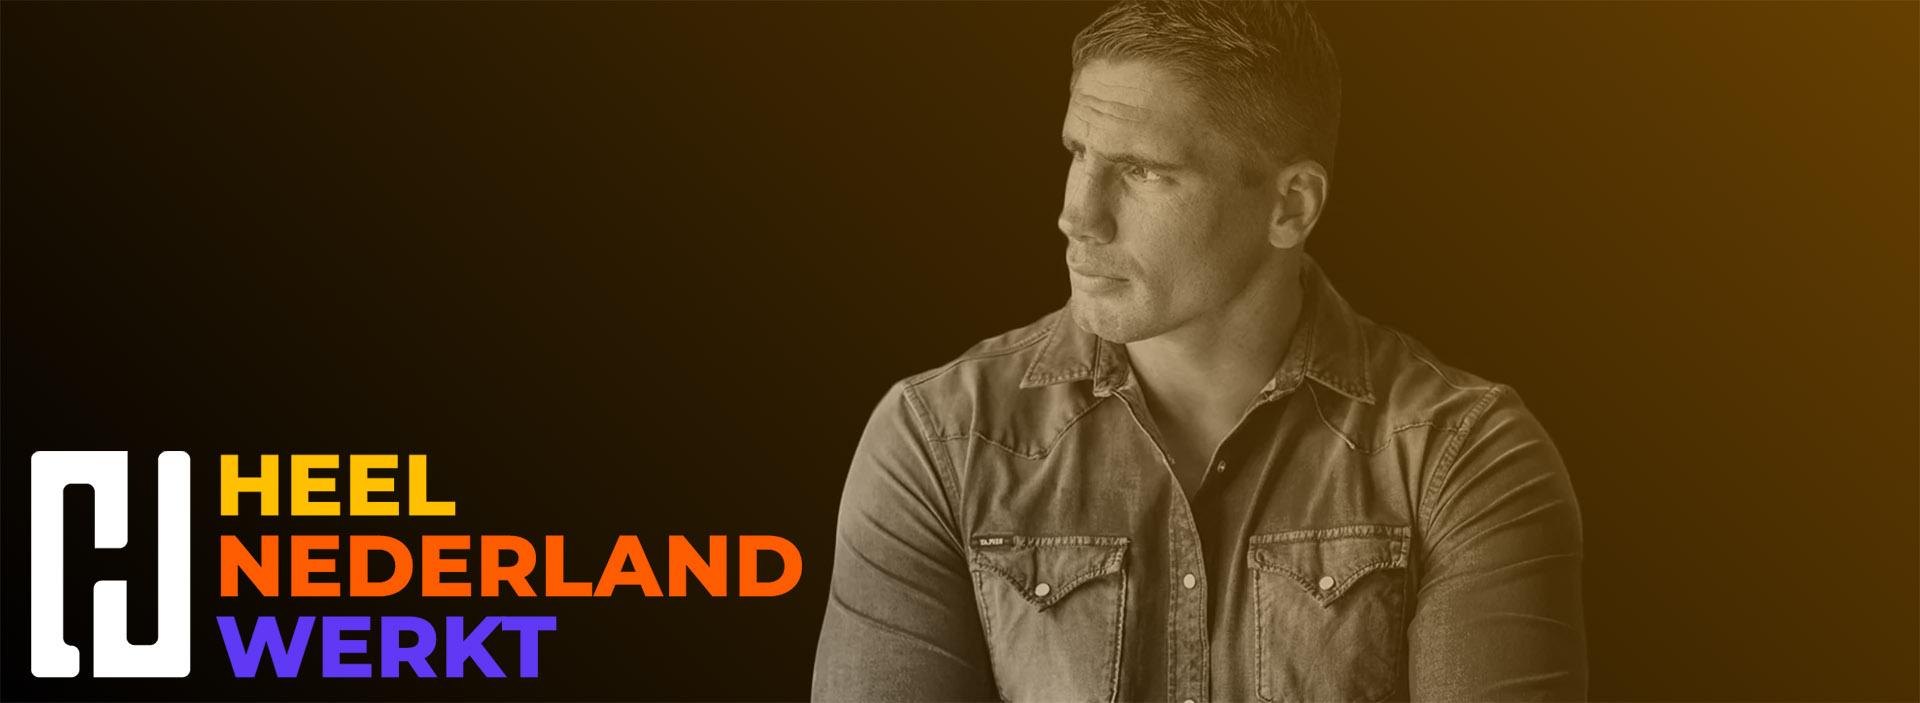 Heel Nederland Werkt, initiatief van Rico Verhoeven